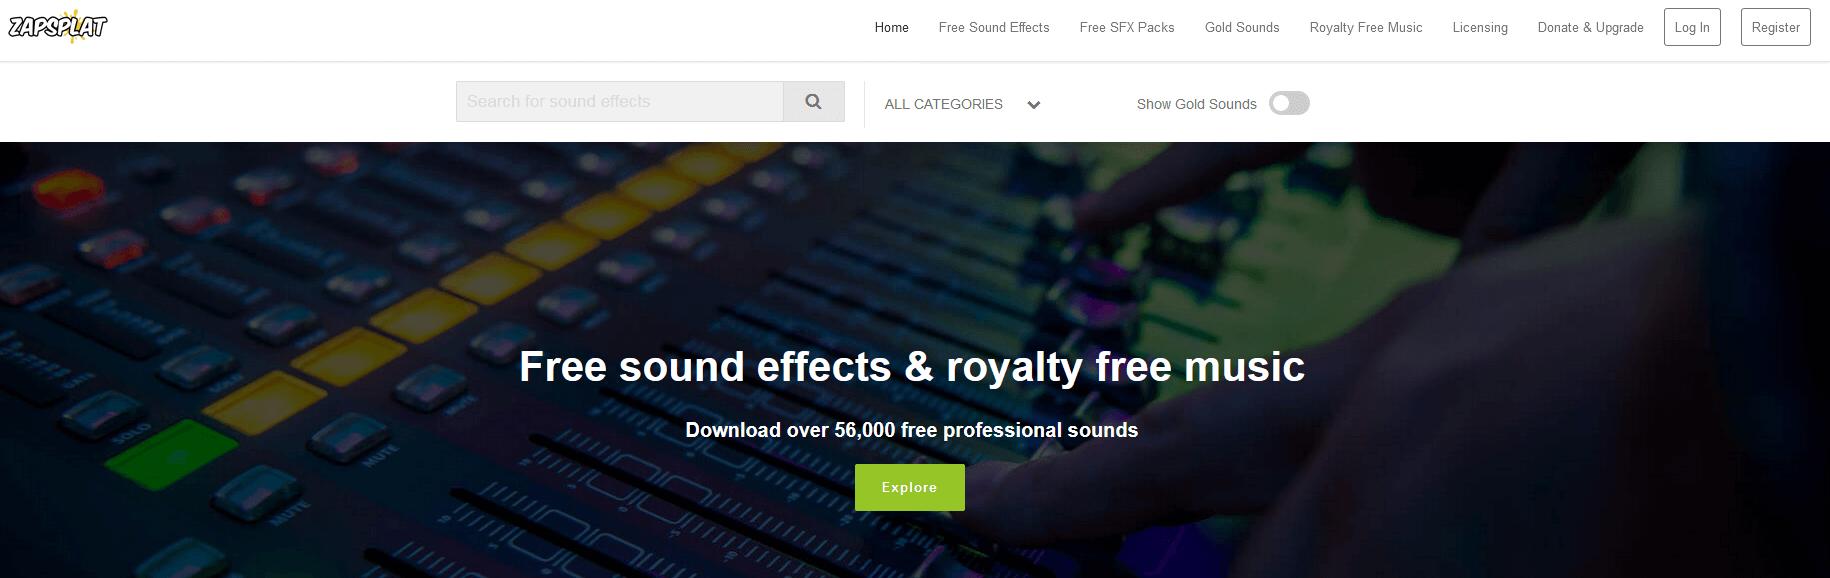 Zapsplat - Download Royalty Free Music